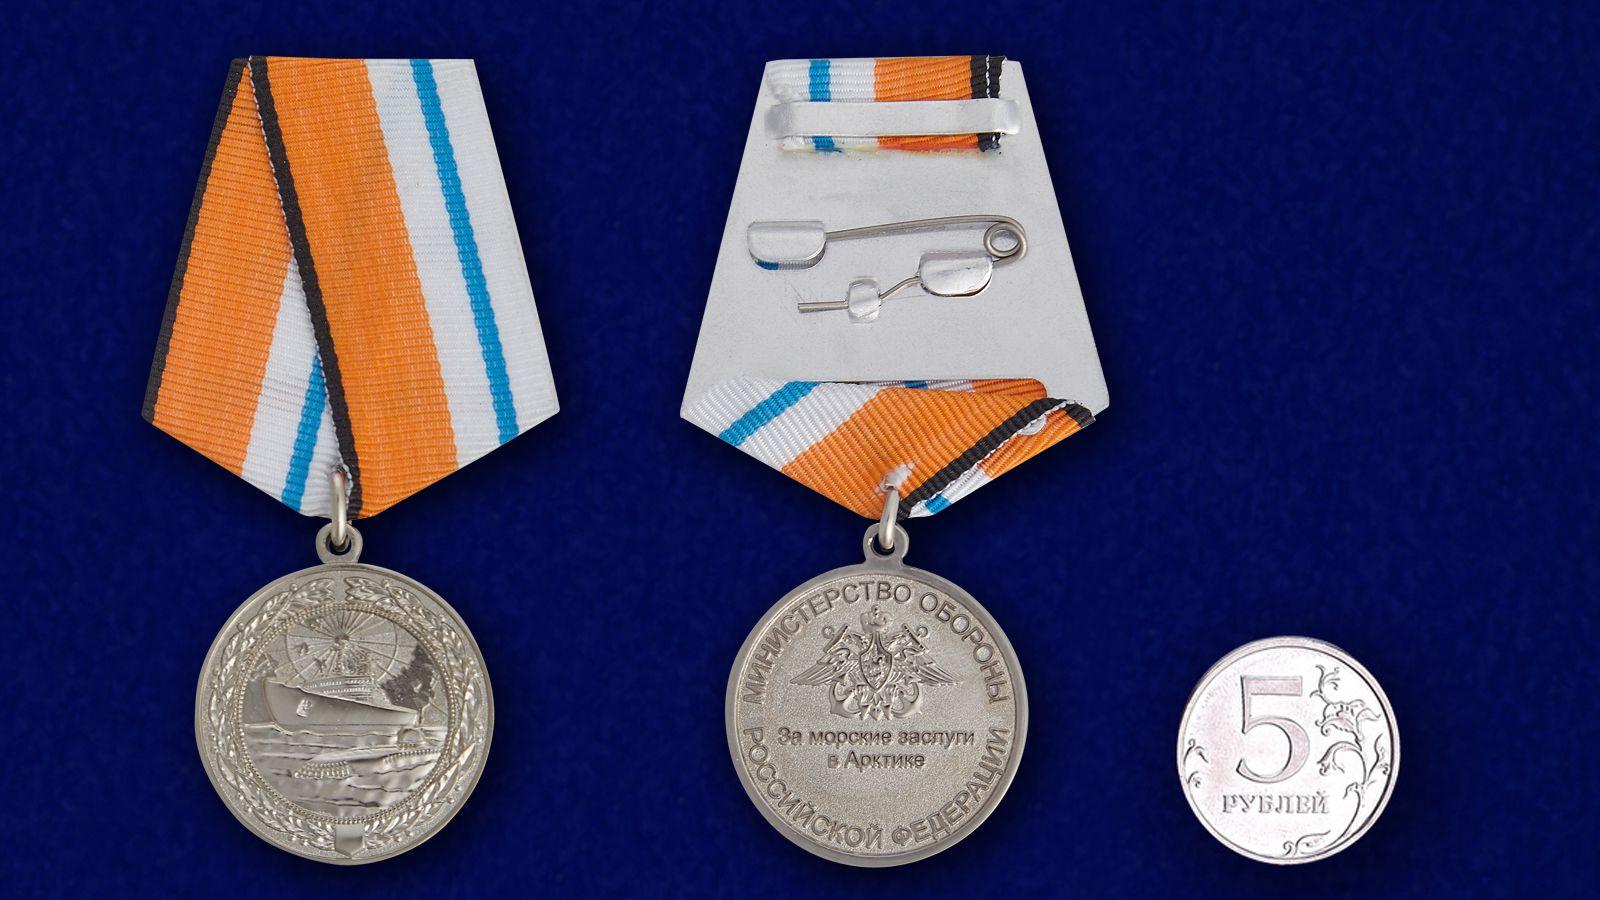 """Медаль """"За морские заслуги в Арктике"""" - сравнительный размер"""